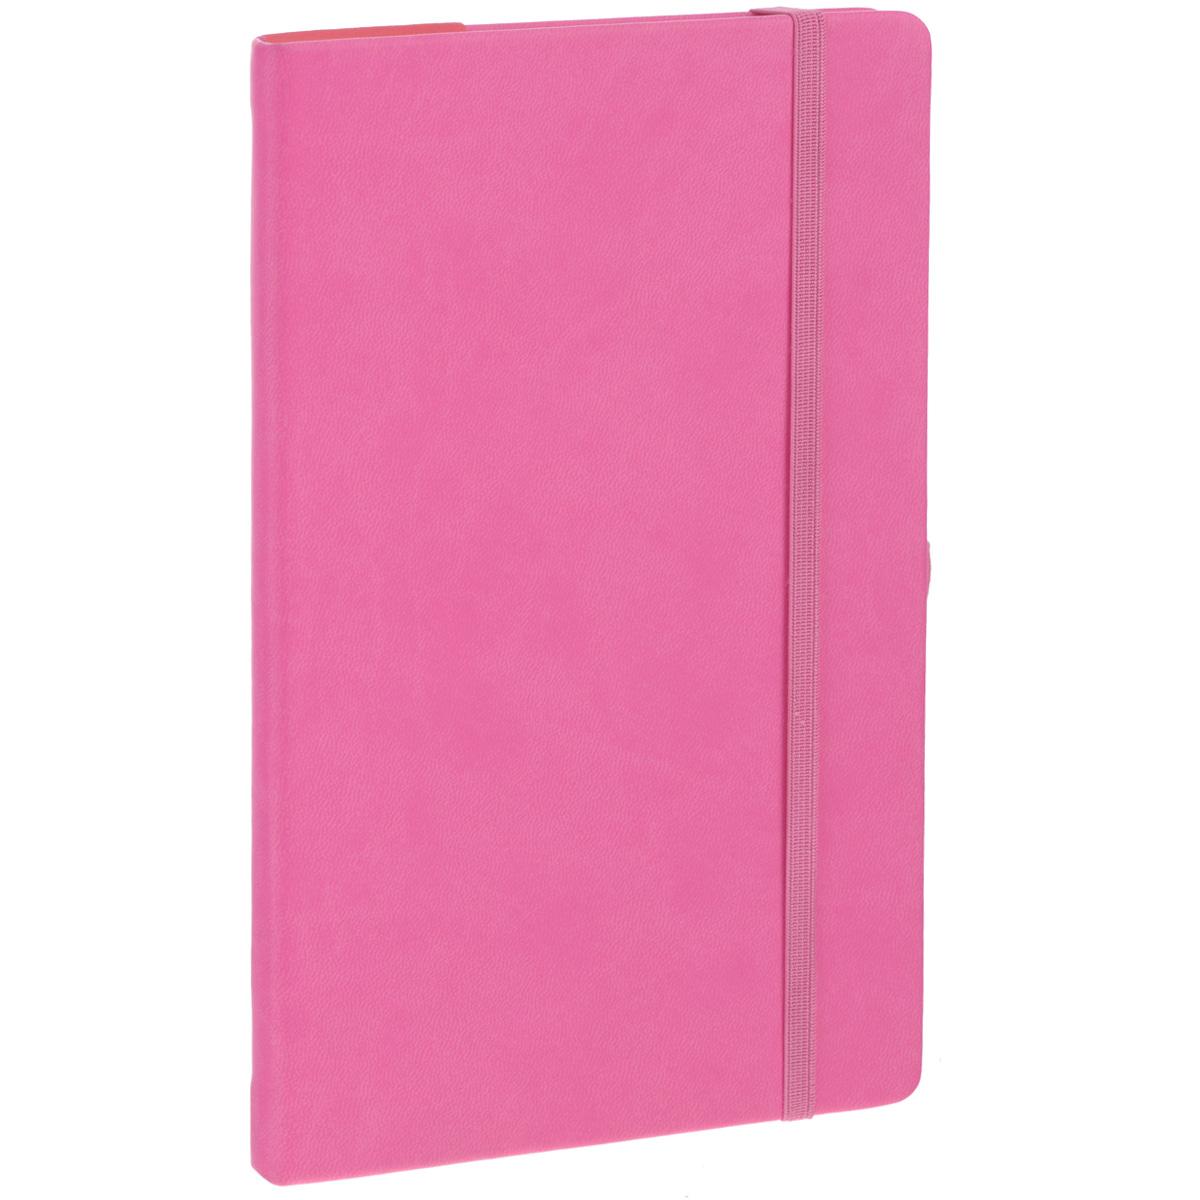 Записная книжка Erich Krause Festival, цвет: розовый, 96 листов36757Записная книжка Erich Krause Festival - это дополнительный штрих к вашему имиджу. Демократичная в своем содержании, книжка может быть использована не только для личных пометок и записей, но и как недатированный ежедневник. Надежная твердая обложка из плотного приятного на ощупь картона сохранит ее в аккуратном состоянии на протяжении всего времени использования. Плотная в линейку бумага белого цвета, закладка-ляссе, практичные скругленные углы, эластичная петелька для ручки и внутренний бумажный карман на задней обложке - все это обеспечит вам истинное удовольствие от письма. В начале книжки имеется страничка для заполнения личных данных владельца, четыре страницы для заполнения адресов, телефонов и интернет-почты и четыре страницы для заполнения сайтов и ссылок. Благодаря небольшому формату книжку легко взять с собой. Записная книжка плотно закрывается при помощи фиксирующей резинки.